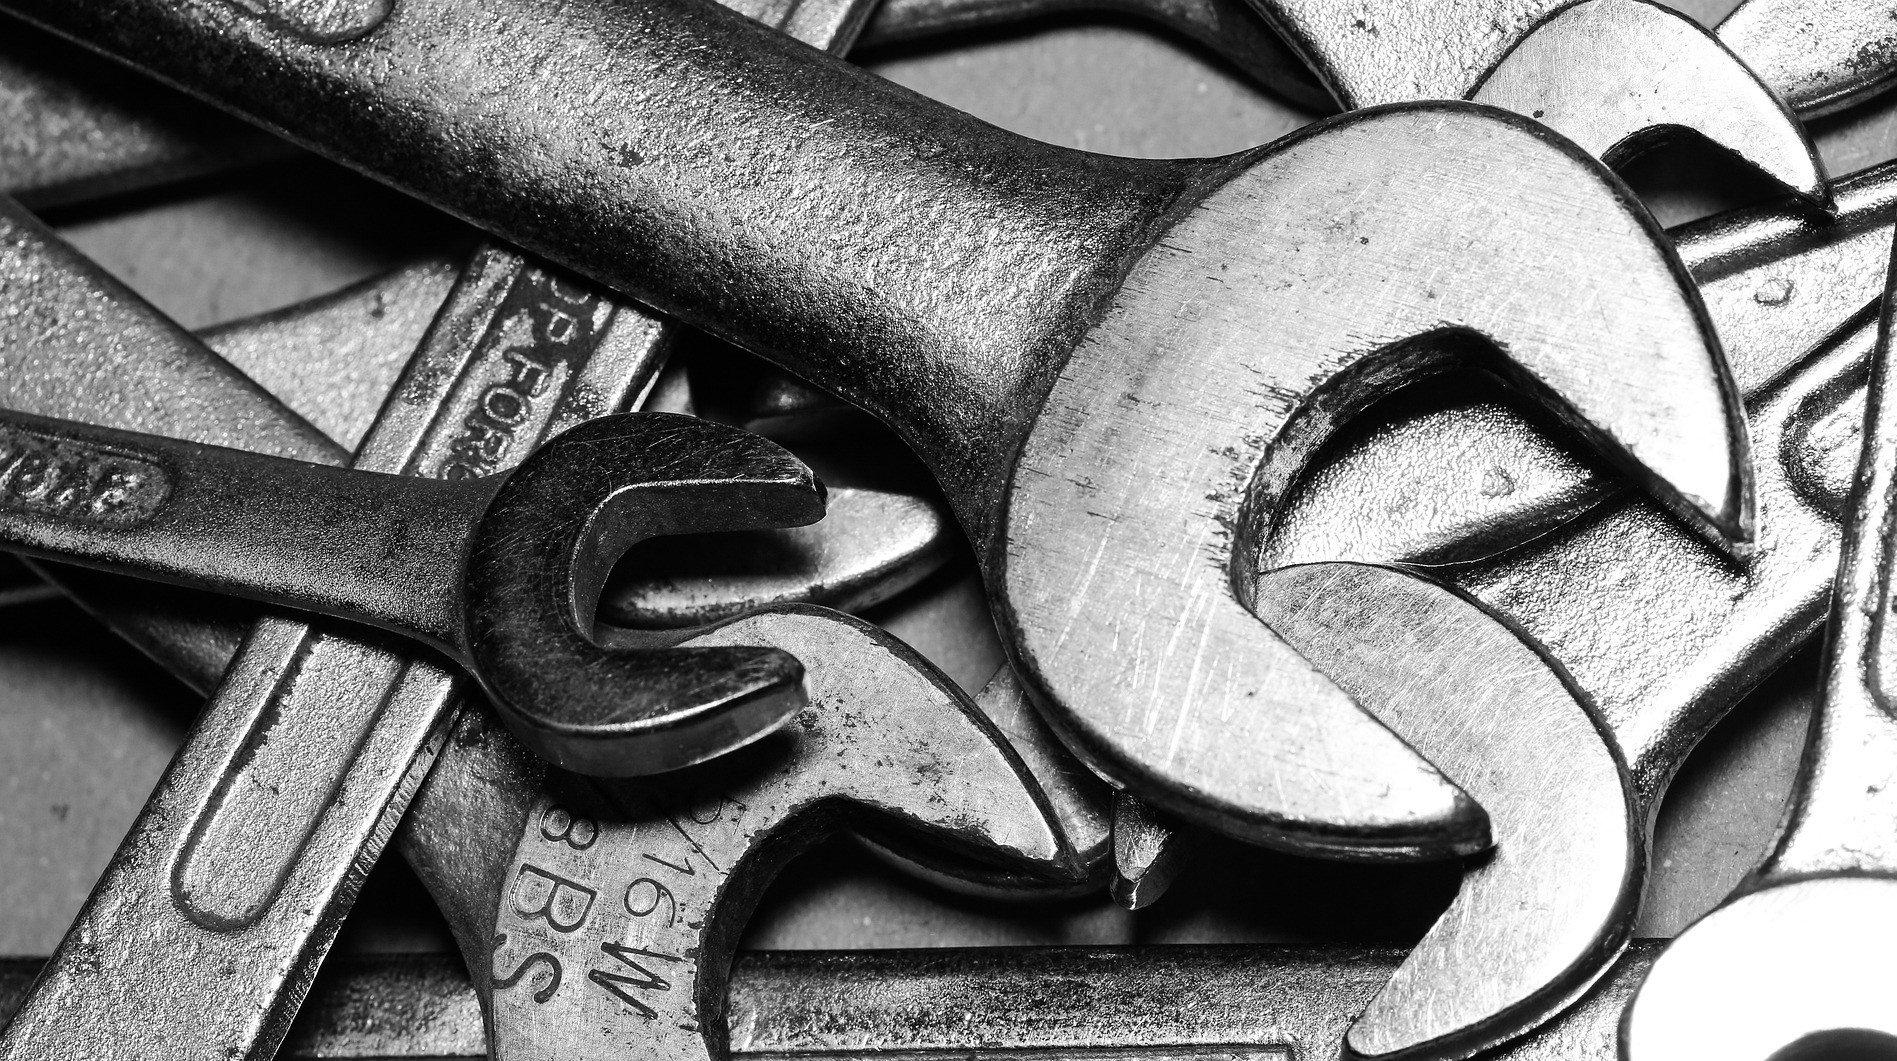 Verktoy tools